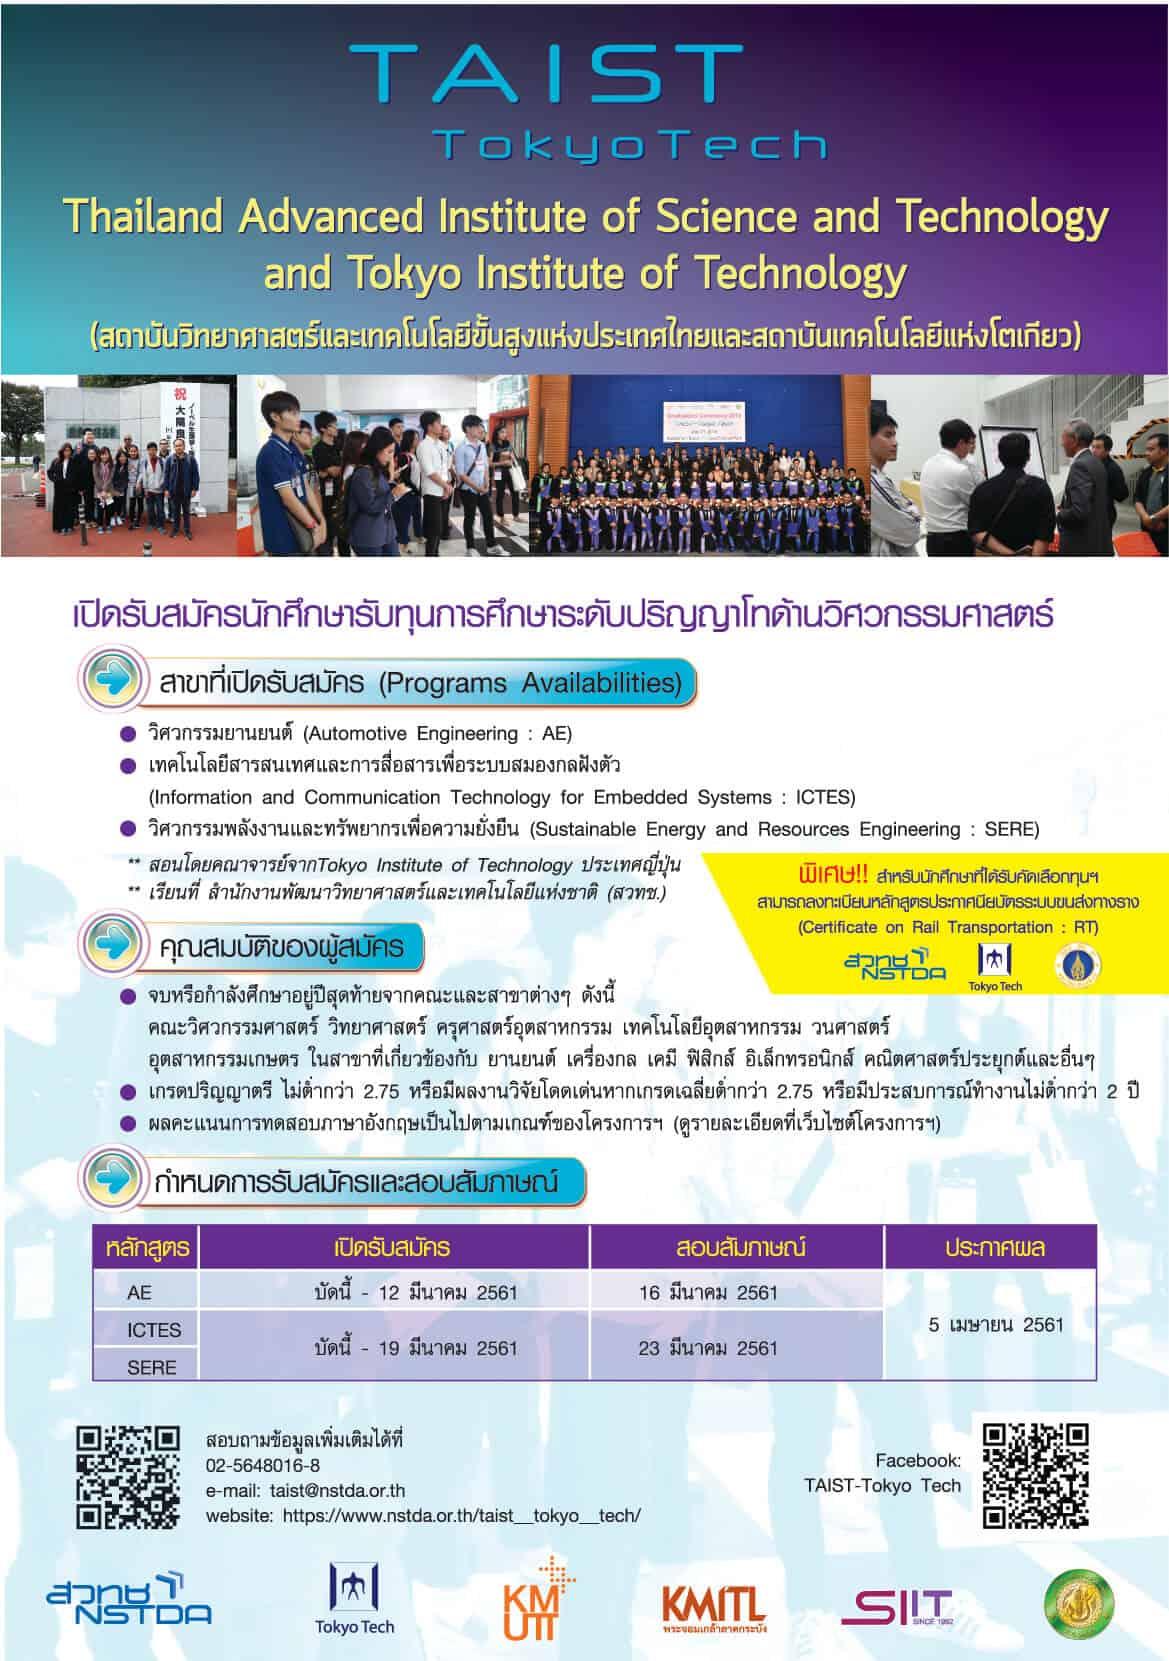 ทุนการศึกษาโครงการ TAIST-Tokyo Tech 2561